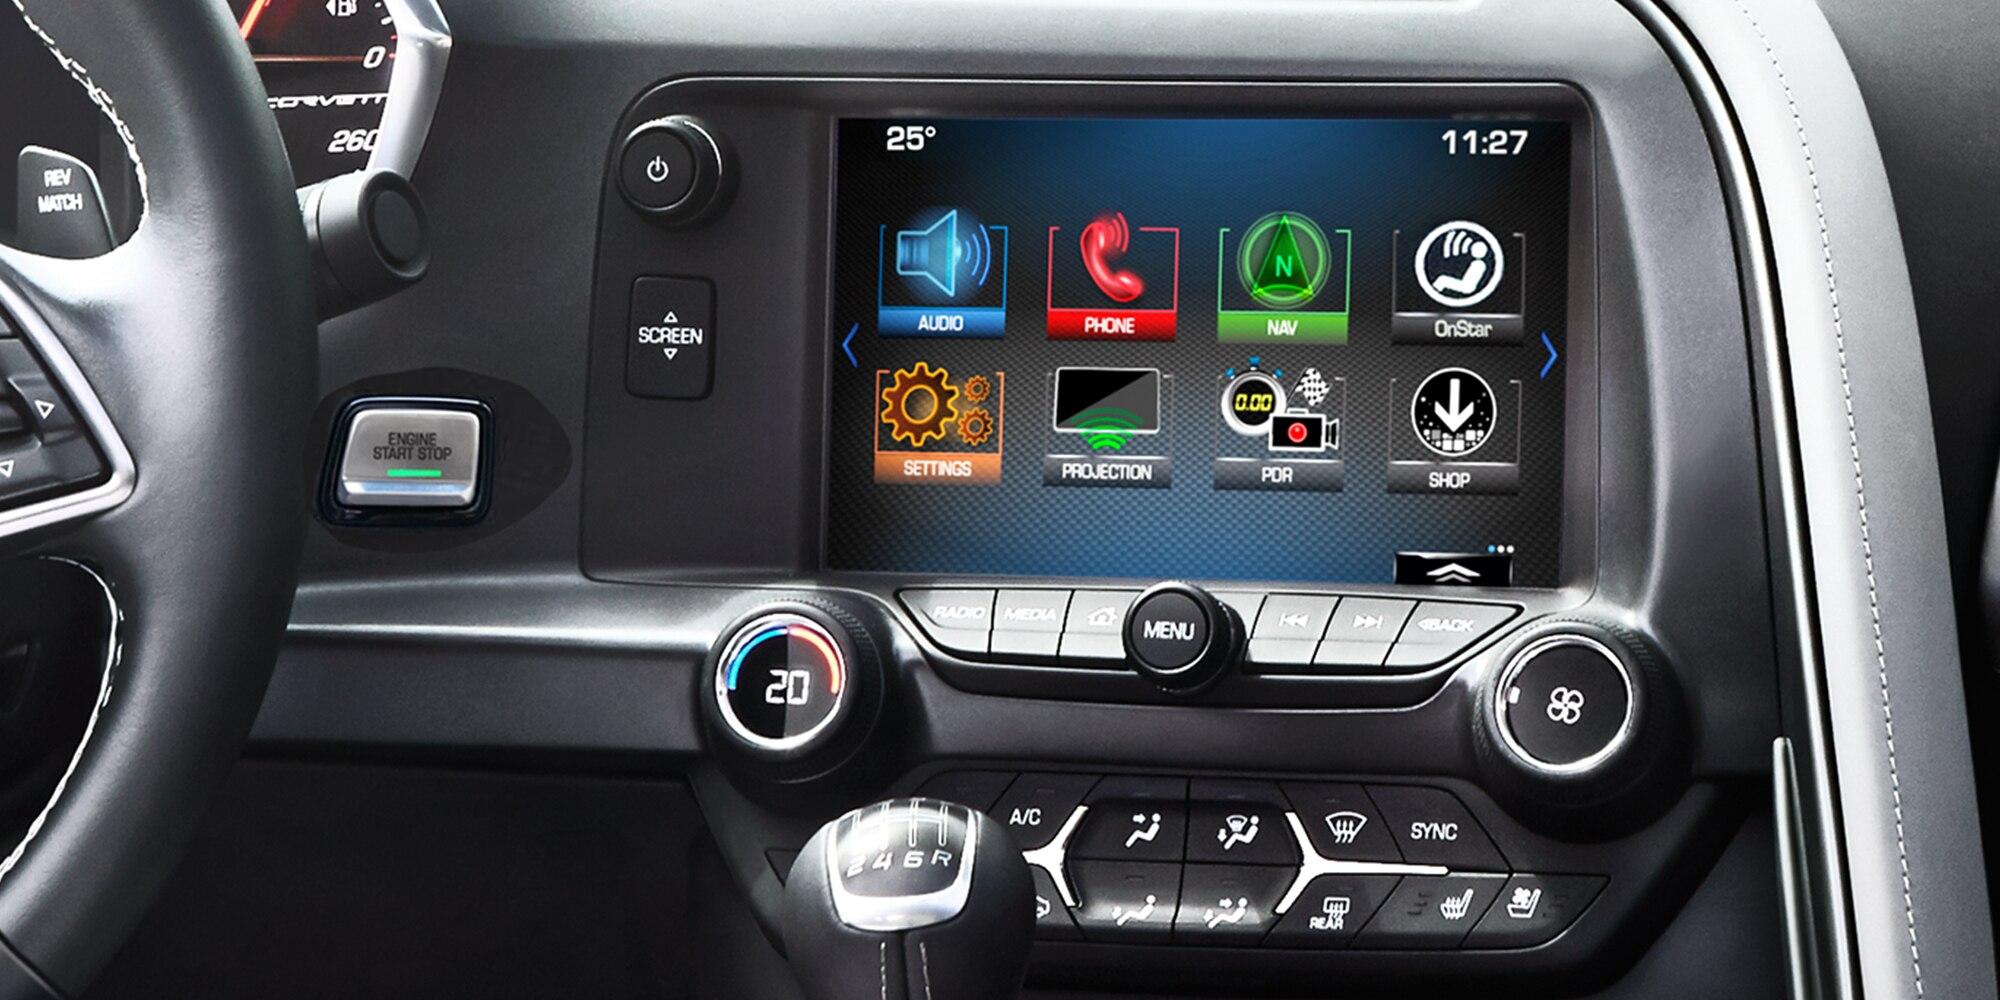 Tecnología del auto deportivo Corvette Stingray 2018: radio MyLink con pantalla táctil en color